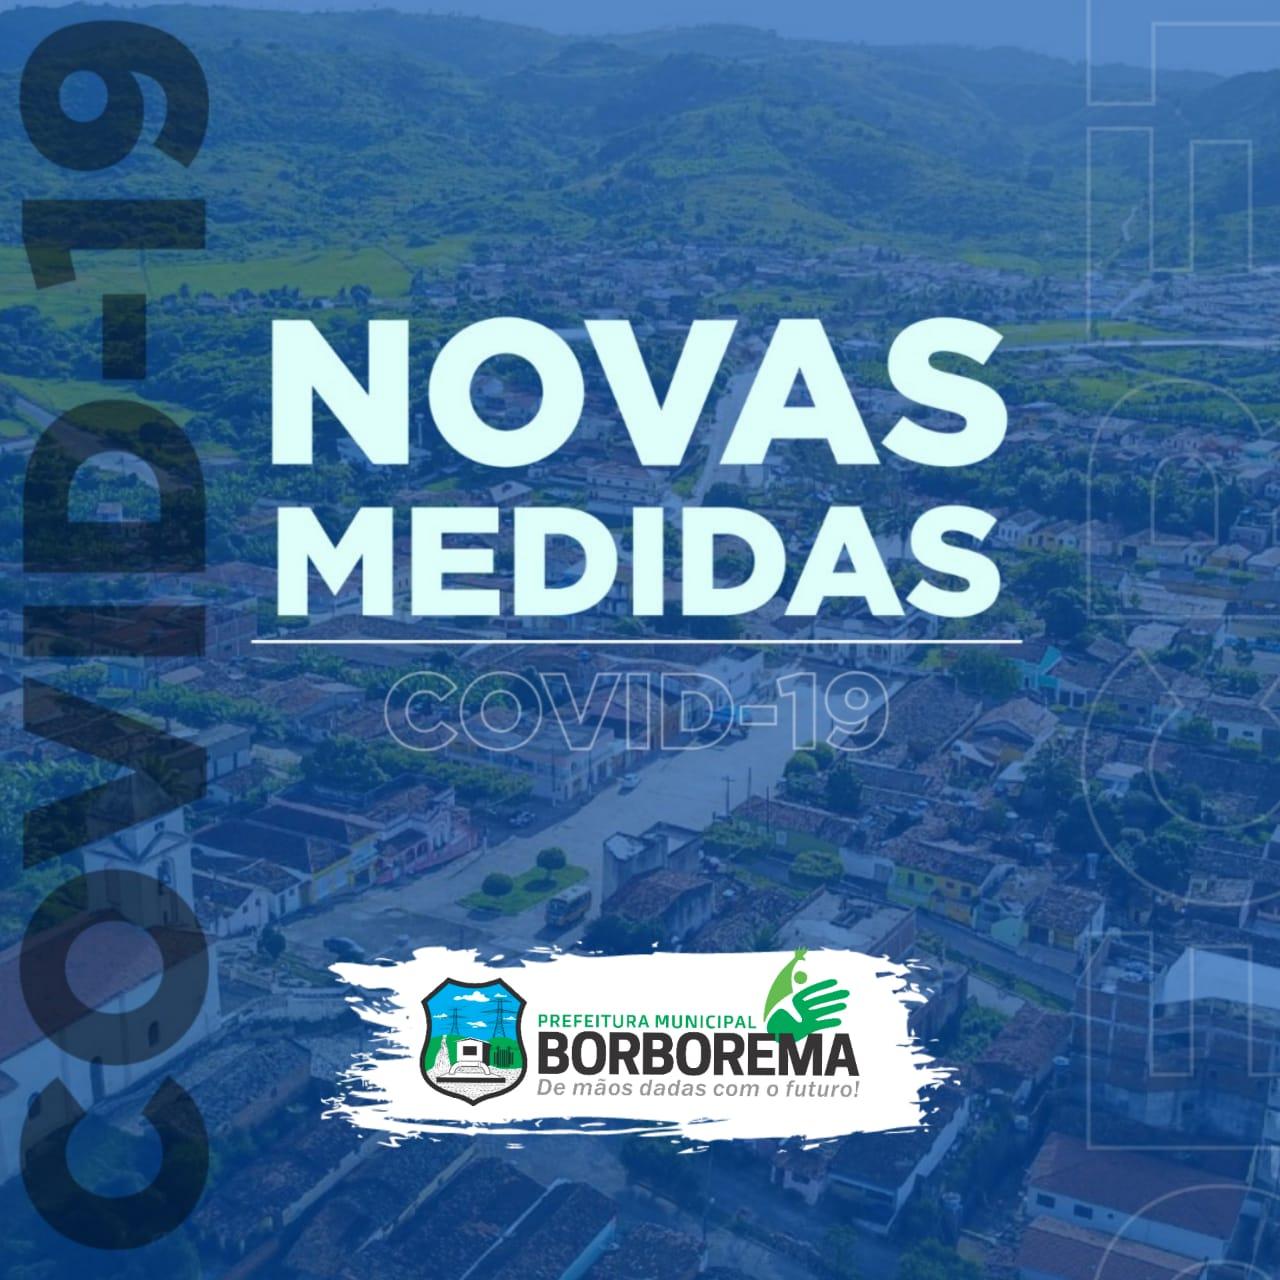 Prefeitura emite Decreto sobre novas medidas a serem adotadas para a prevenção ao contágio da Covid-19